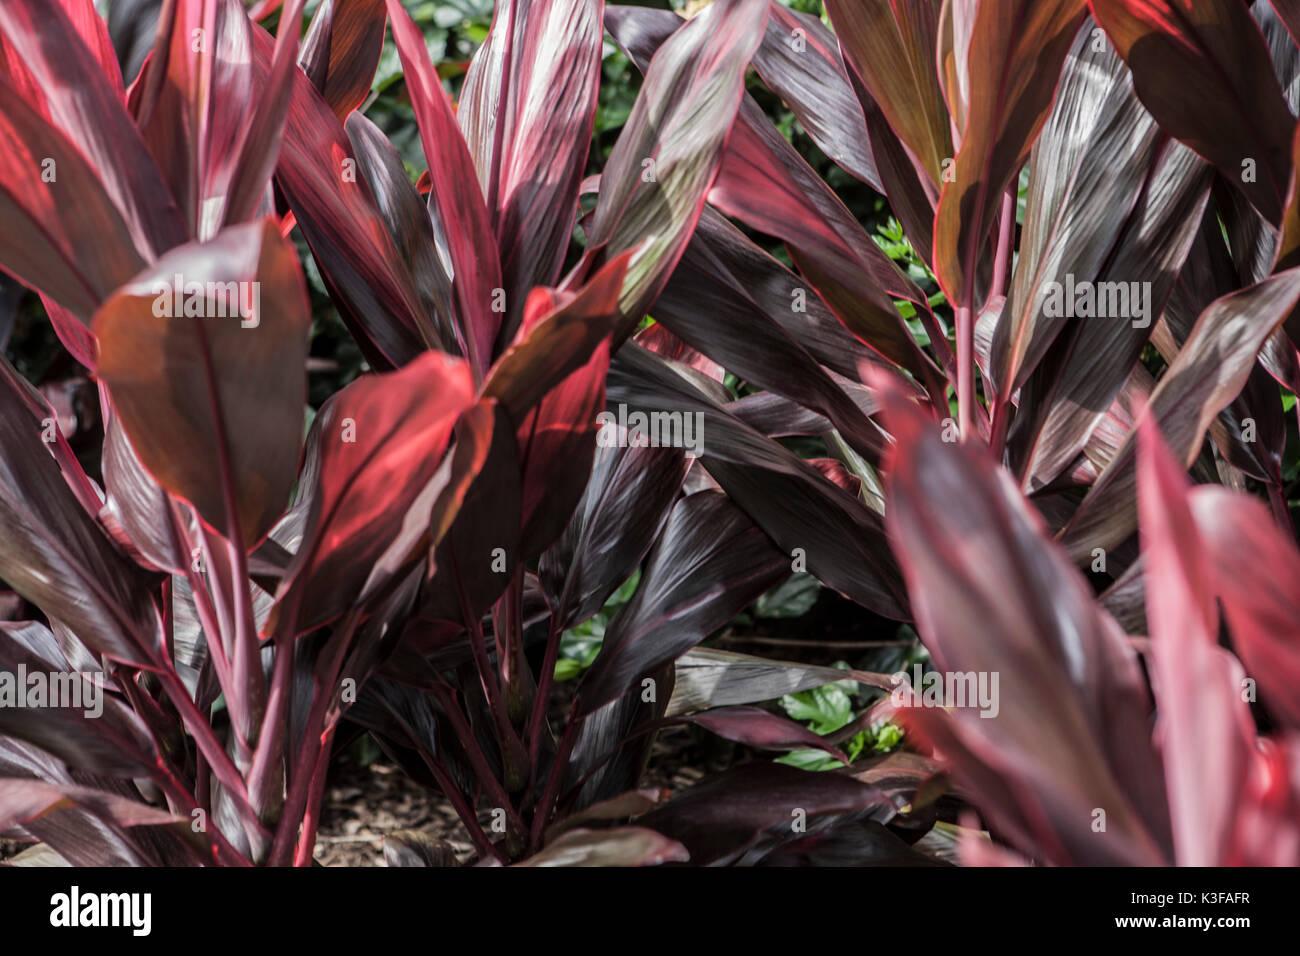 feuille de bananier 4 plantes rouge banque d'images, photo stock